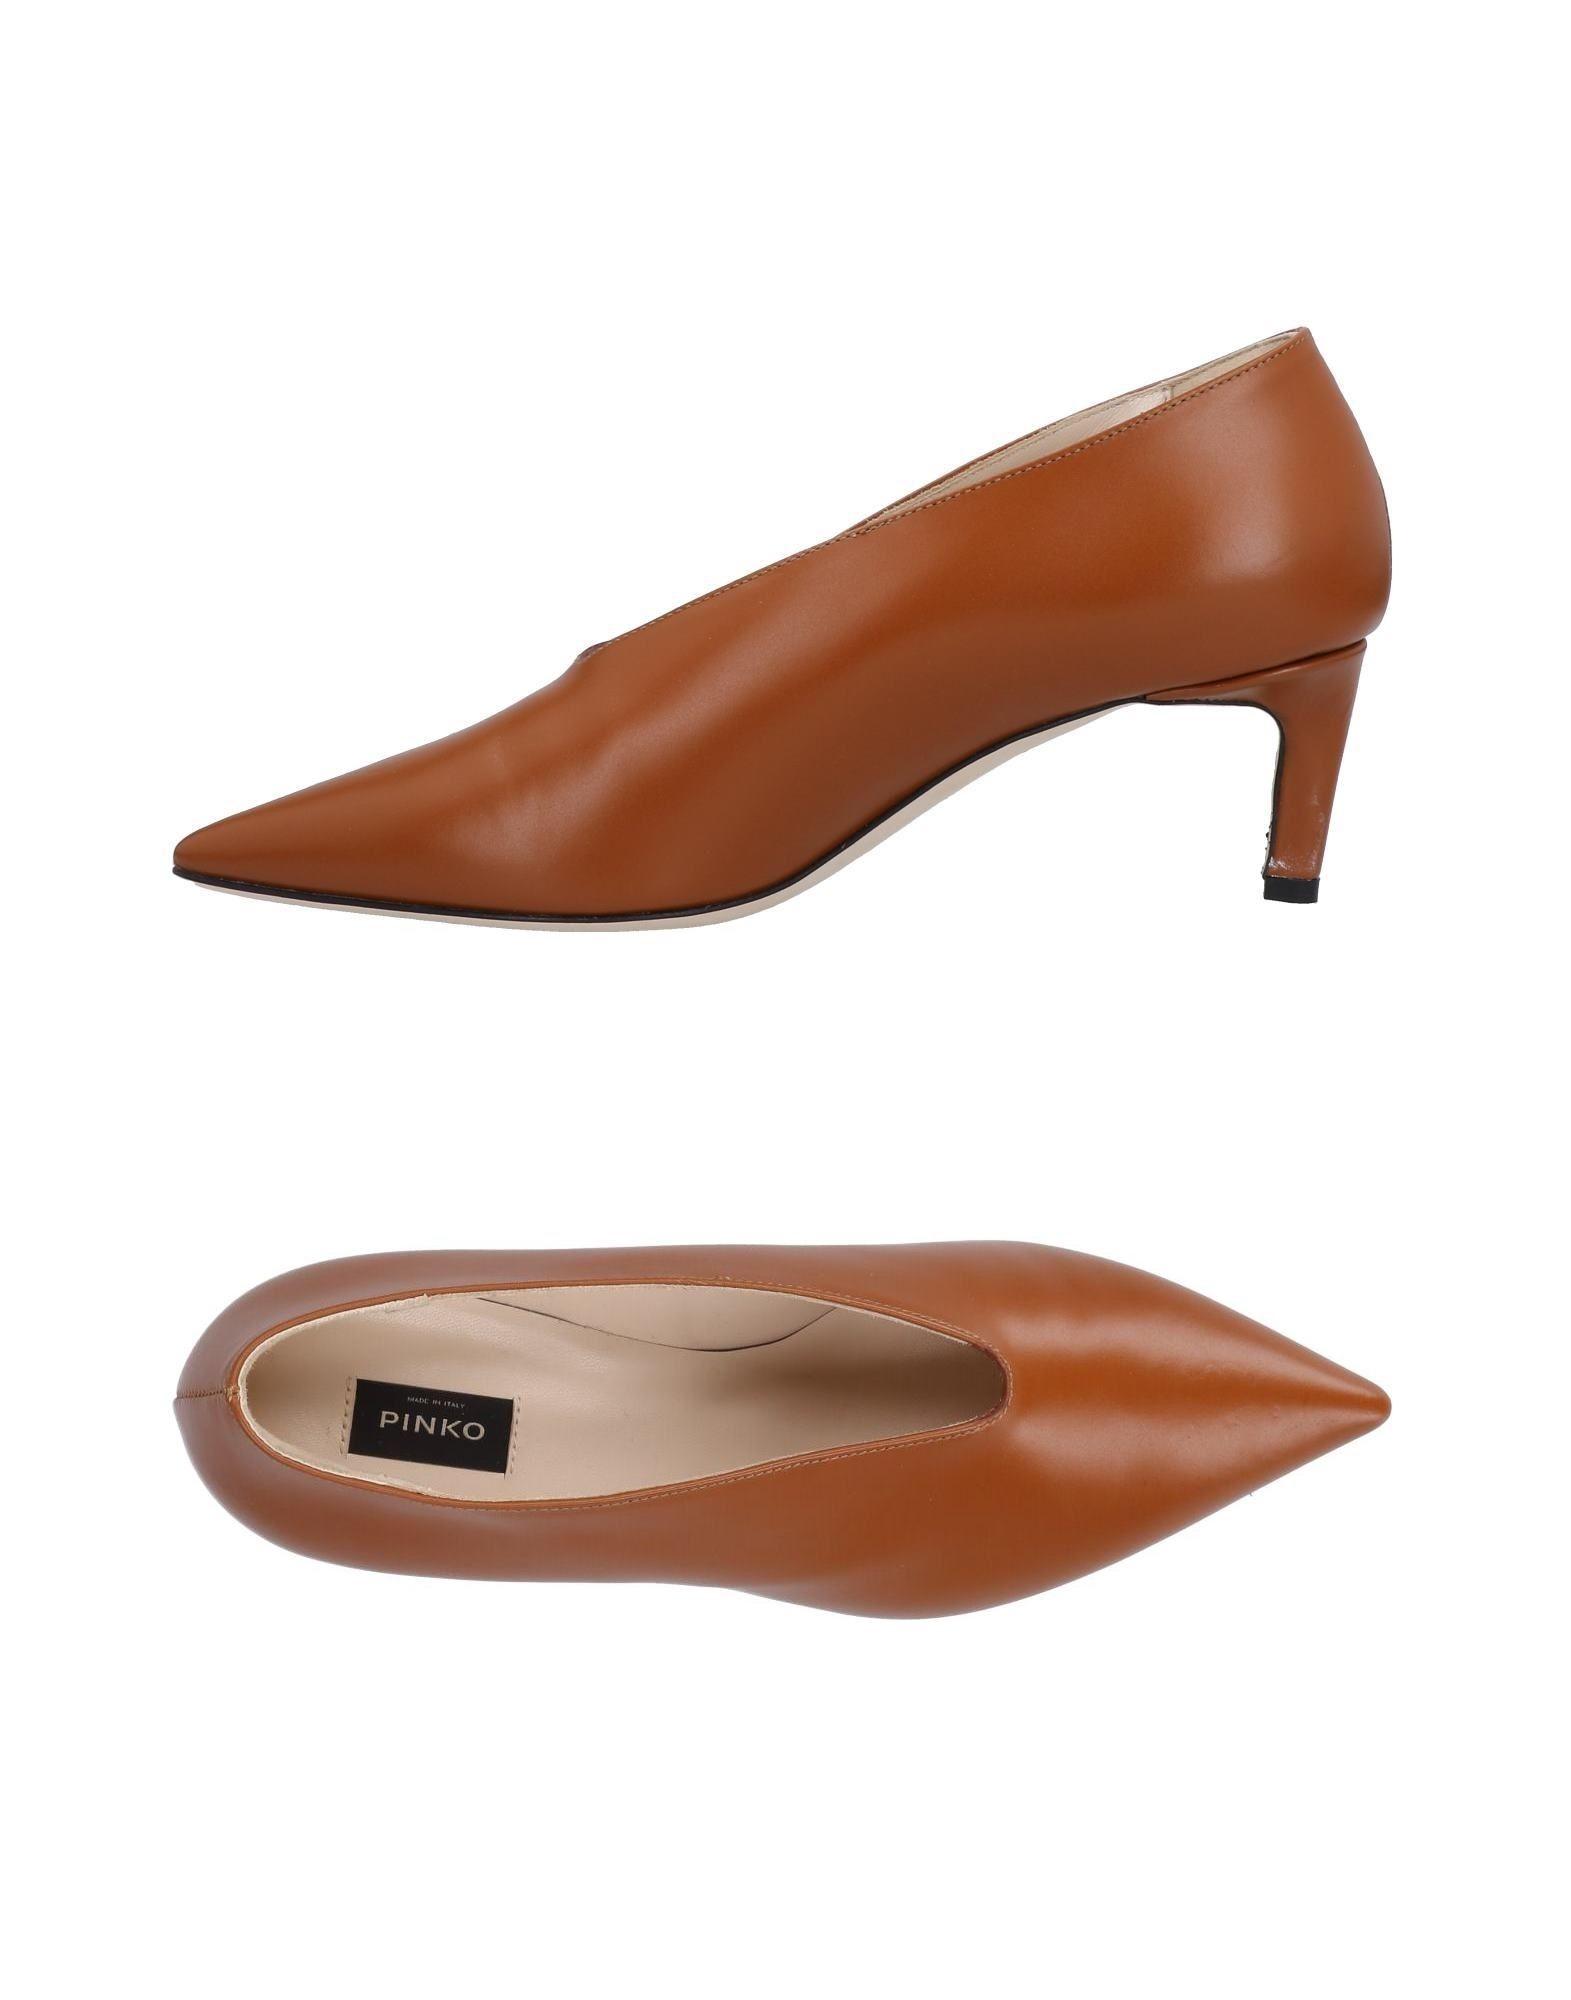 Los últimos zapatos para de descuento para zapatos hombres y mujeres Zapato De Salón Pinko Mujer - Salones Pinko  Marrón 8335a7